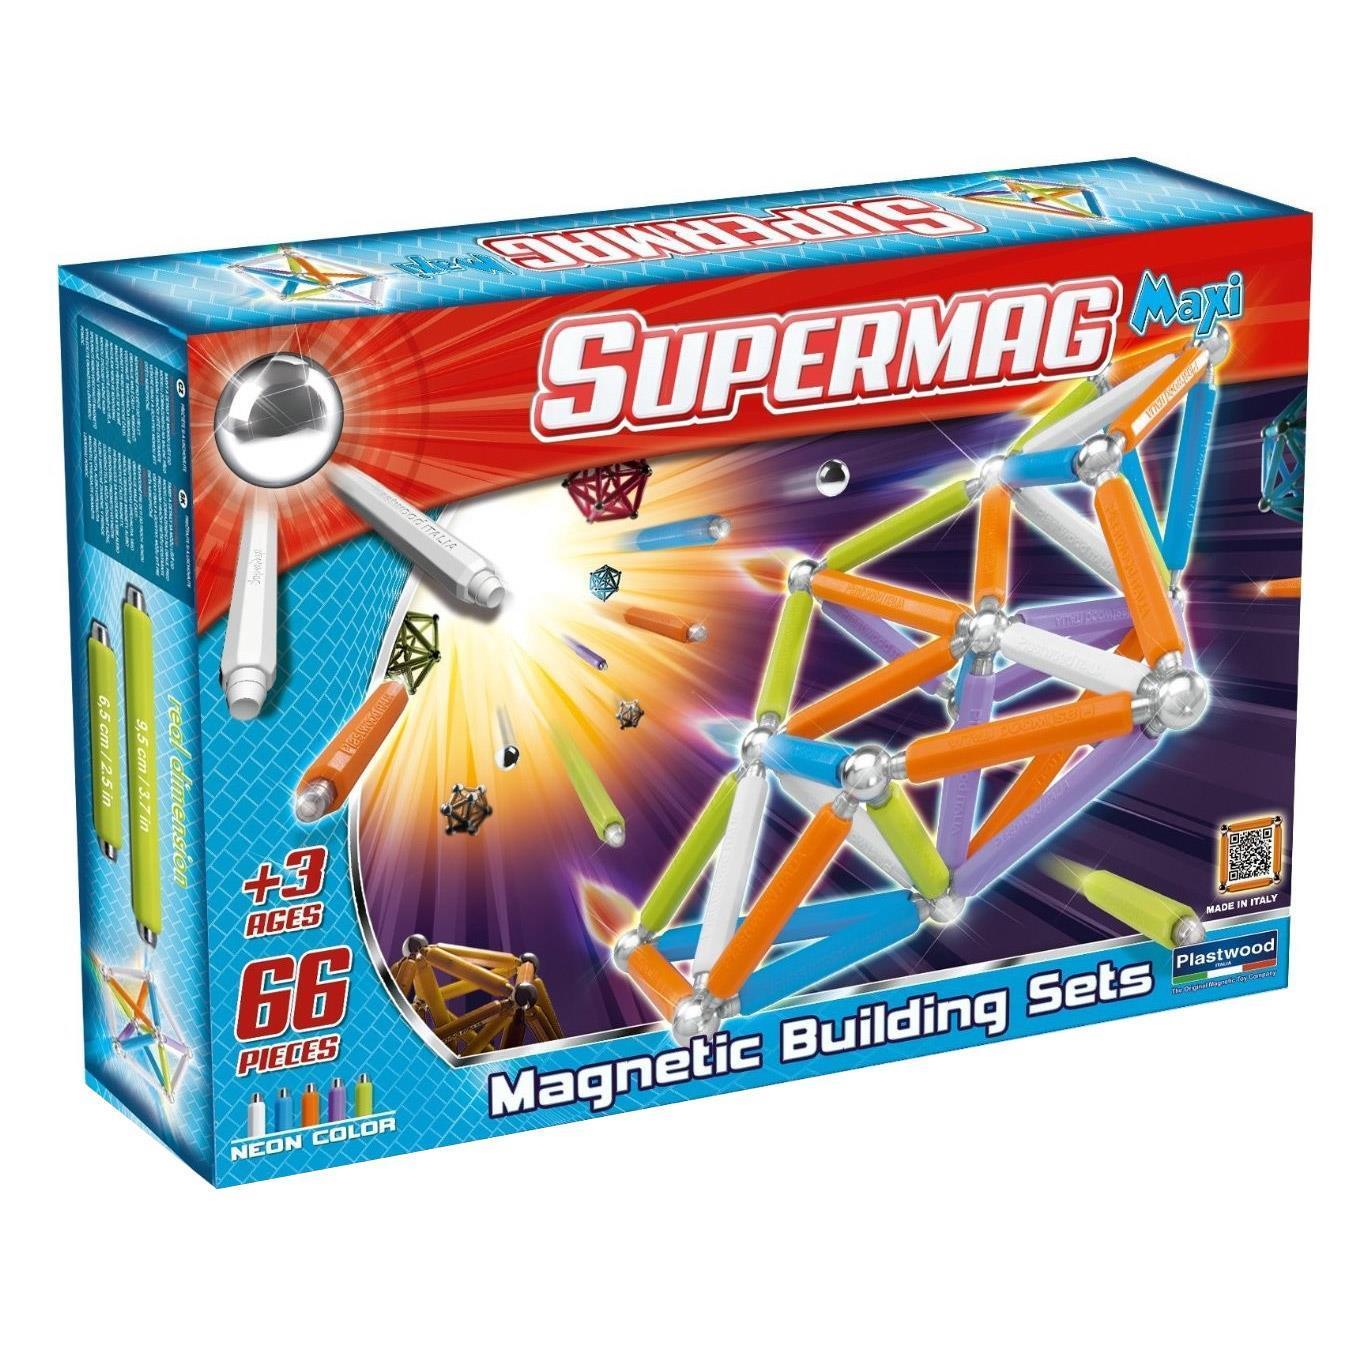 Klocki magnetyczne SUPERMAG od Libra